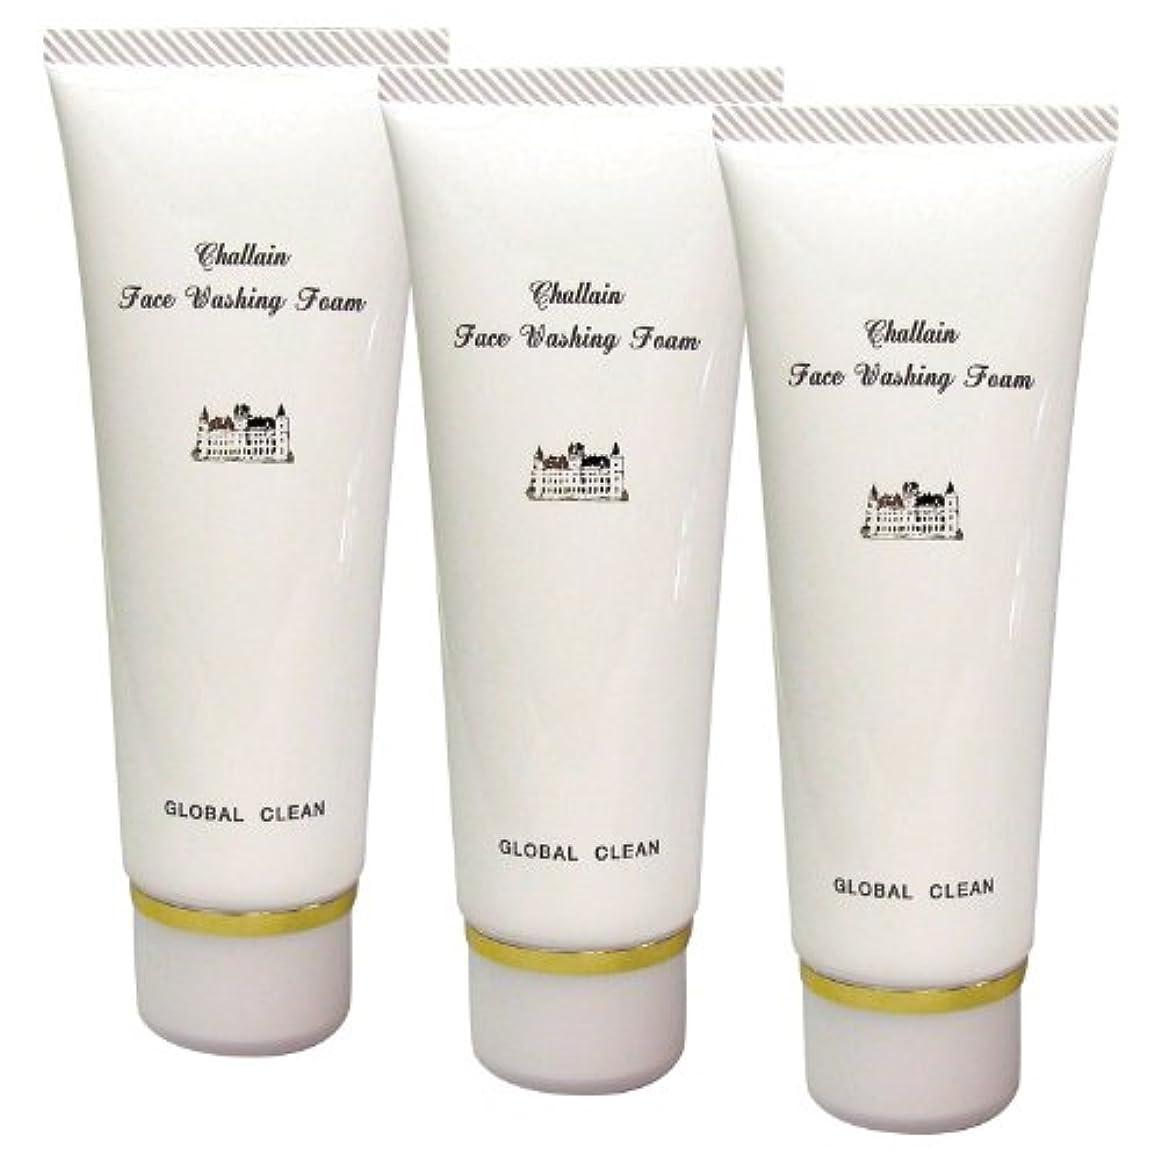 世界ずっと倉庫油脂と製法にこだわった熟成洗顔フォーム! シャラン洗顔フォーム 3個組